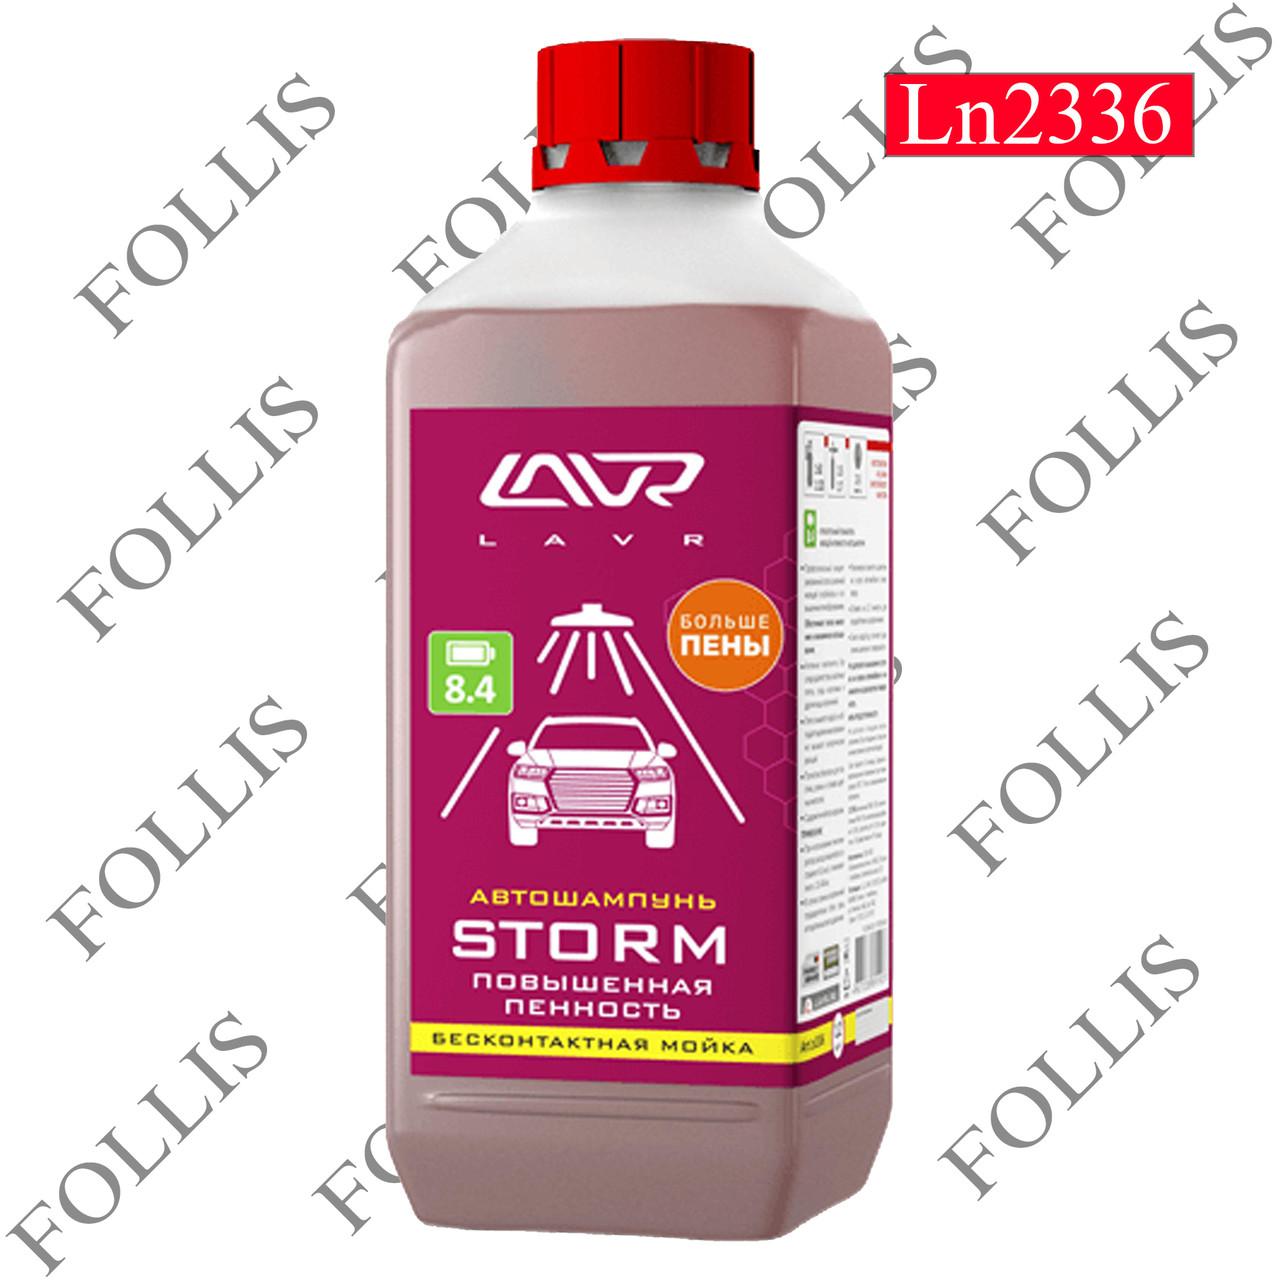 """Автошампунь для бесконтактной мойки """"STORM"""" повышенная пенность 8.4 (1:80-110) Auto Shampoo STORM 1"""